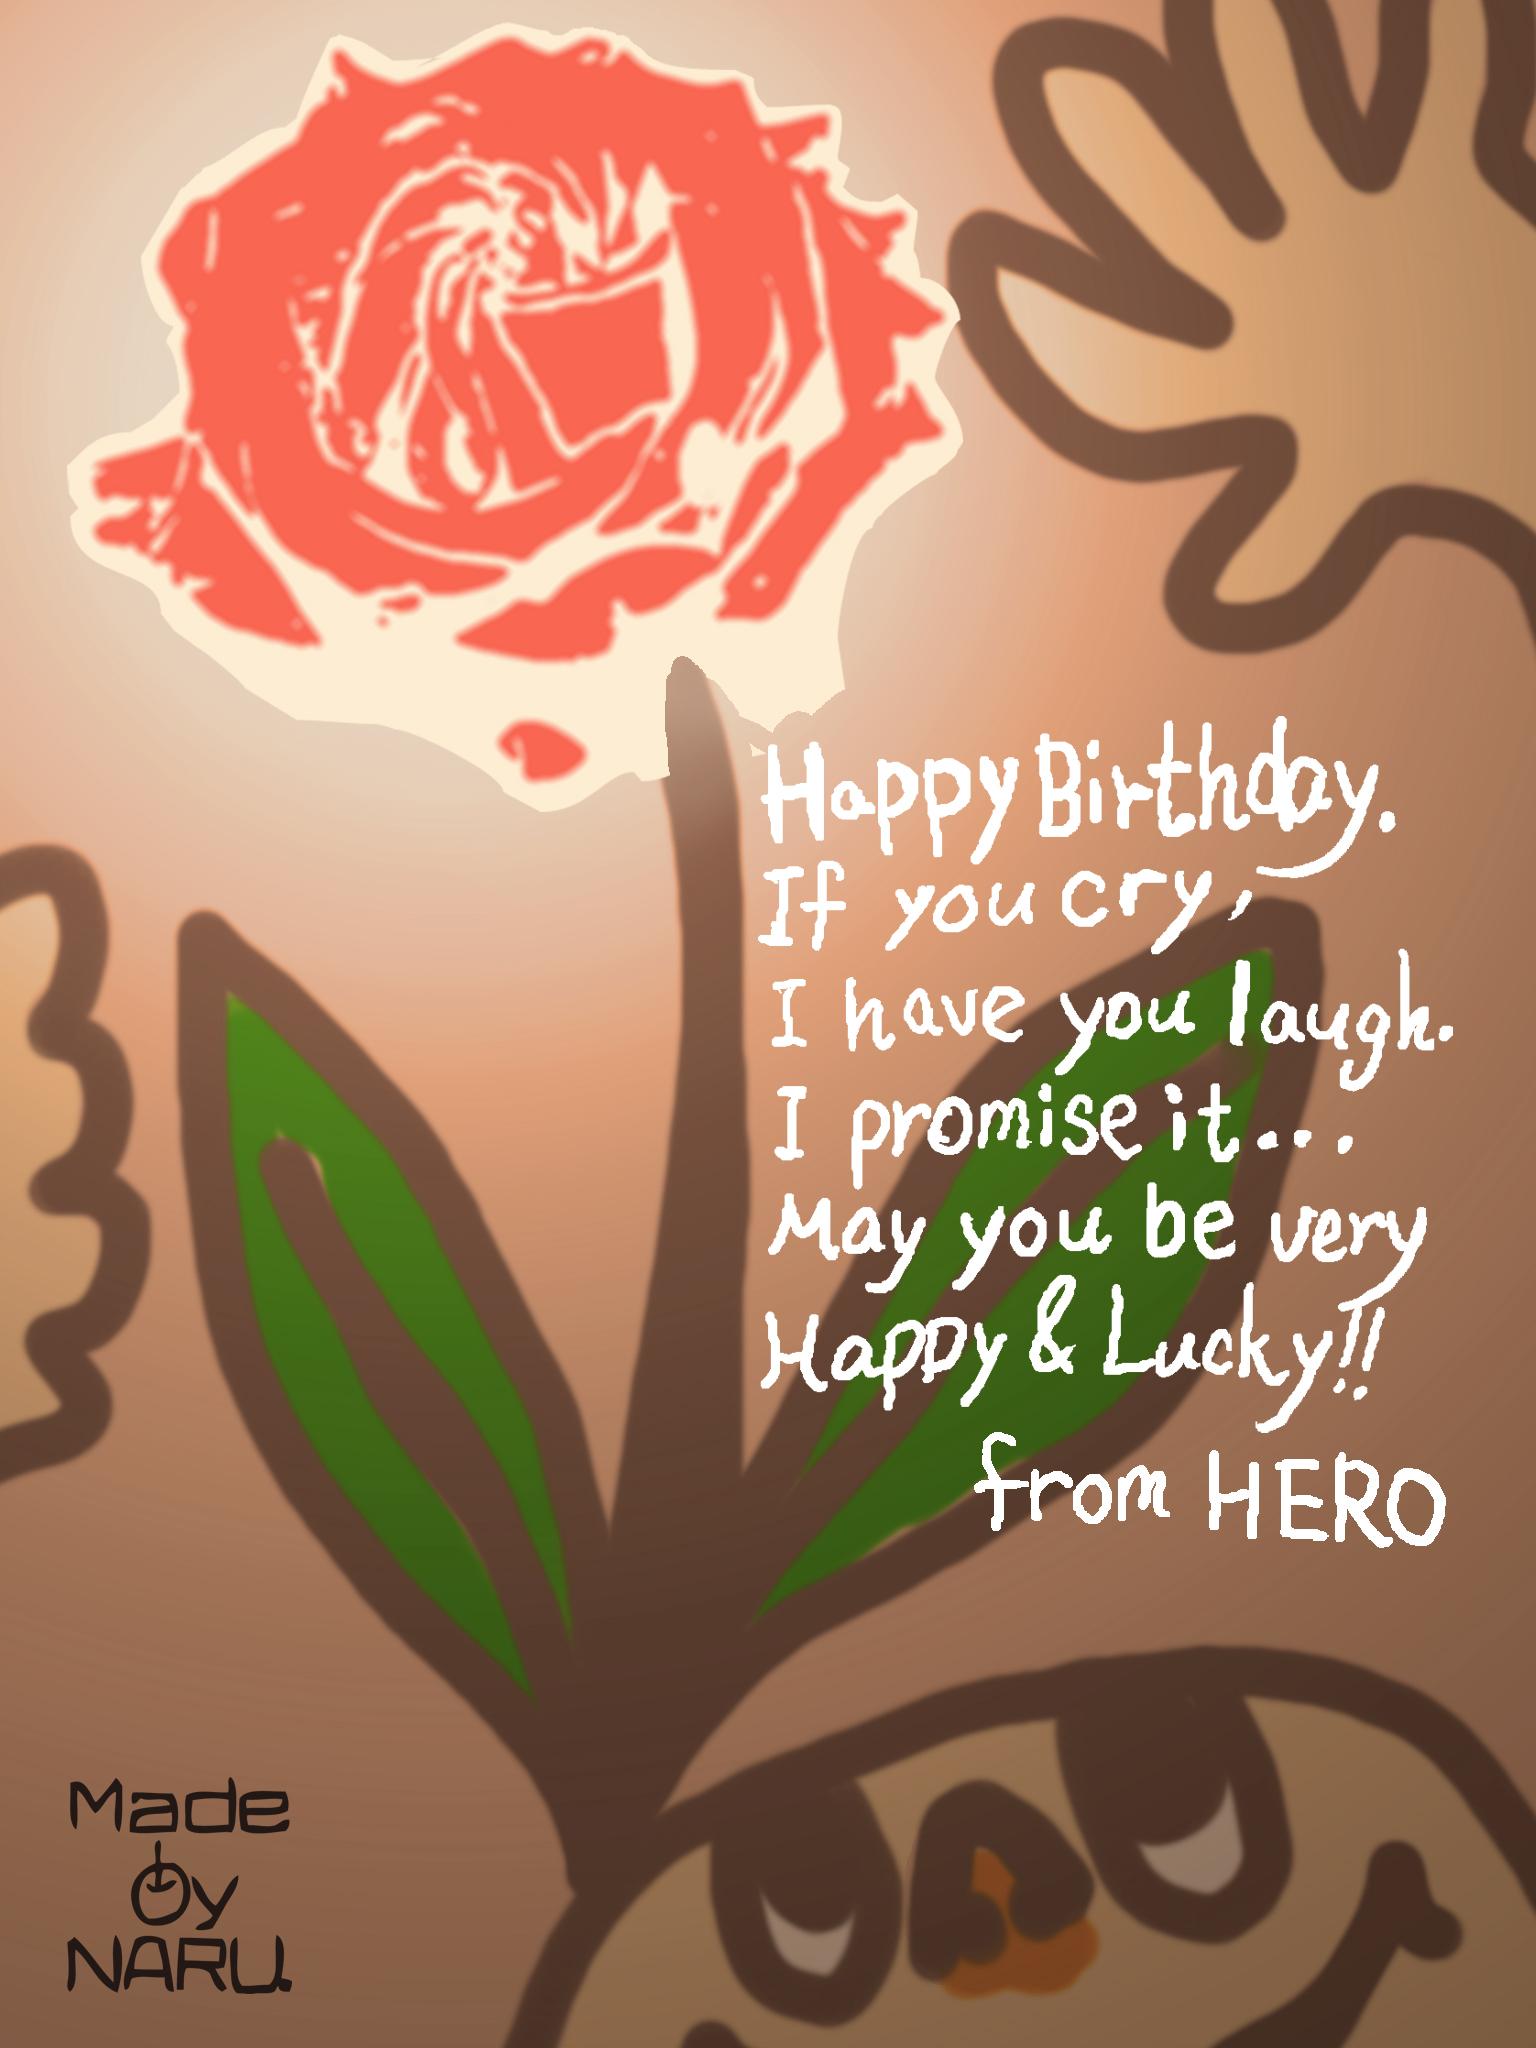 From-HERO